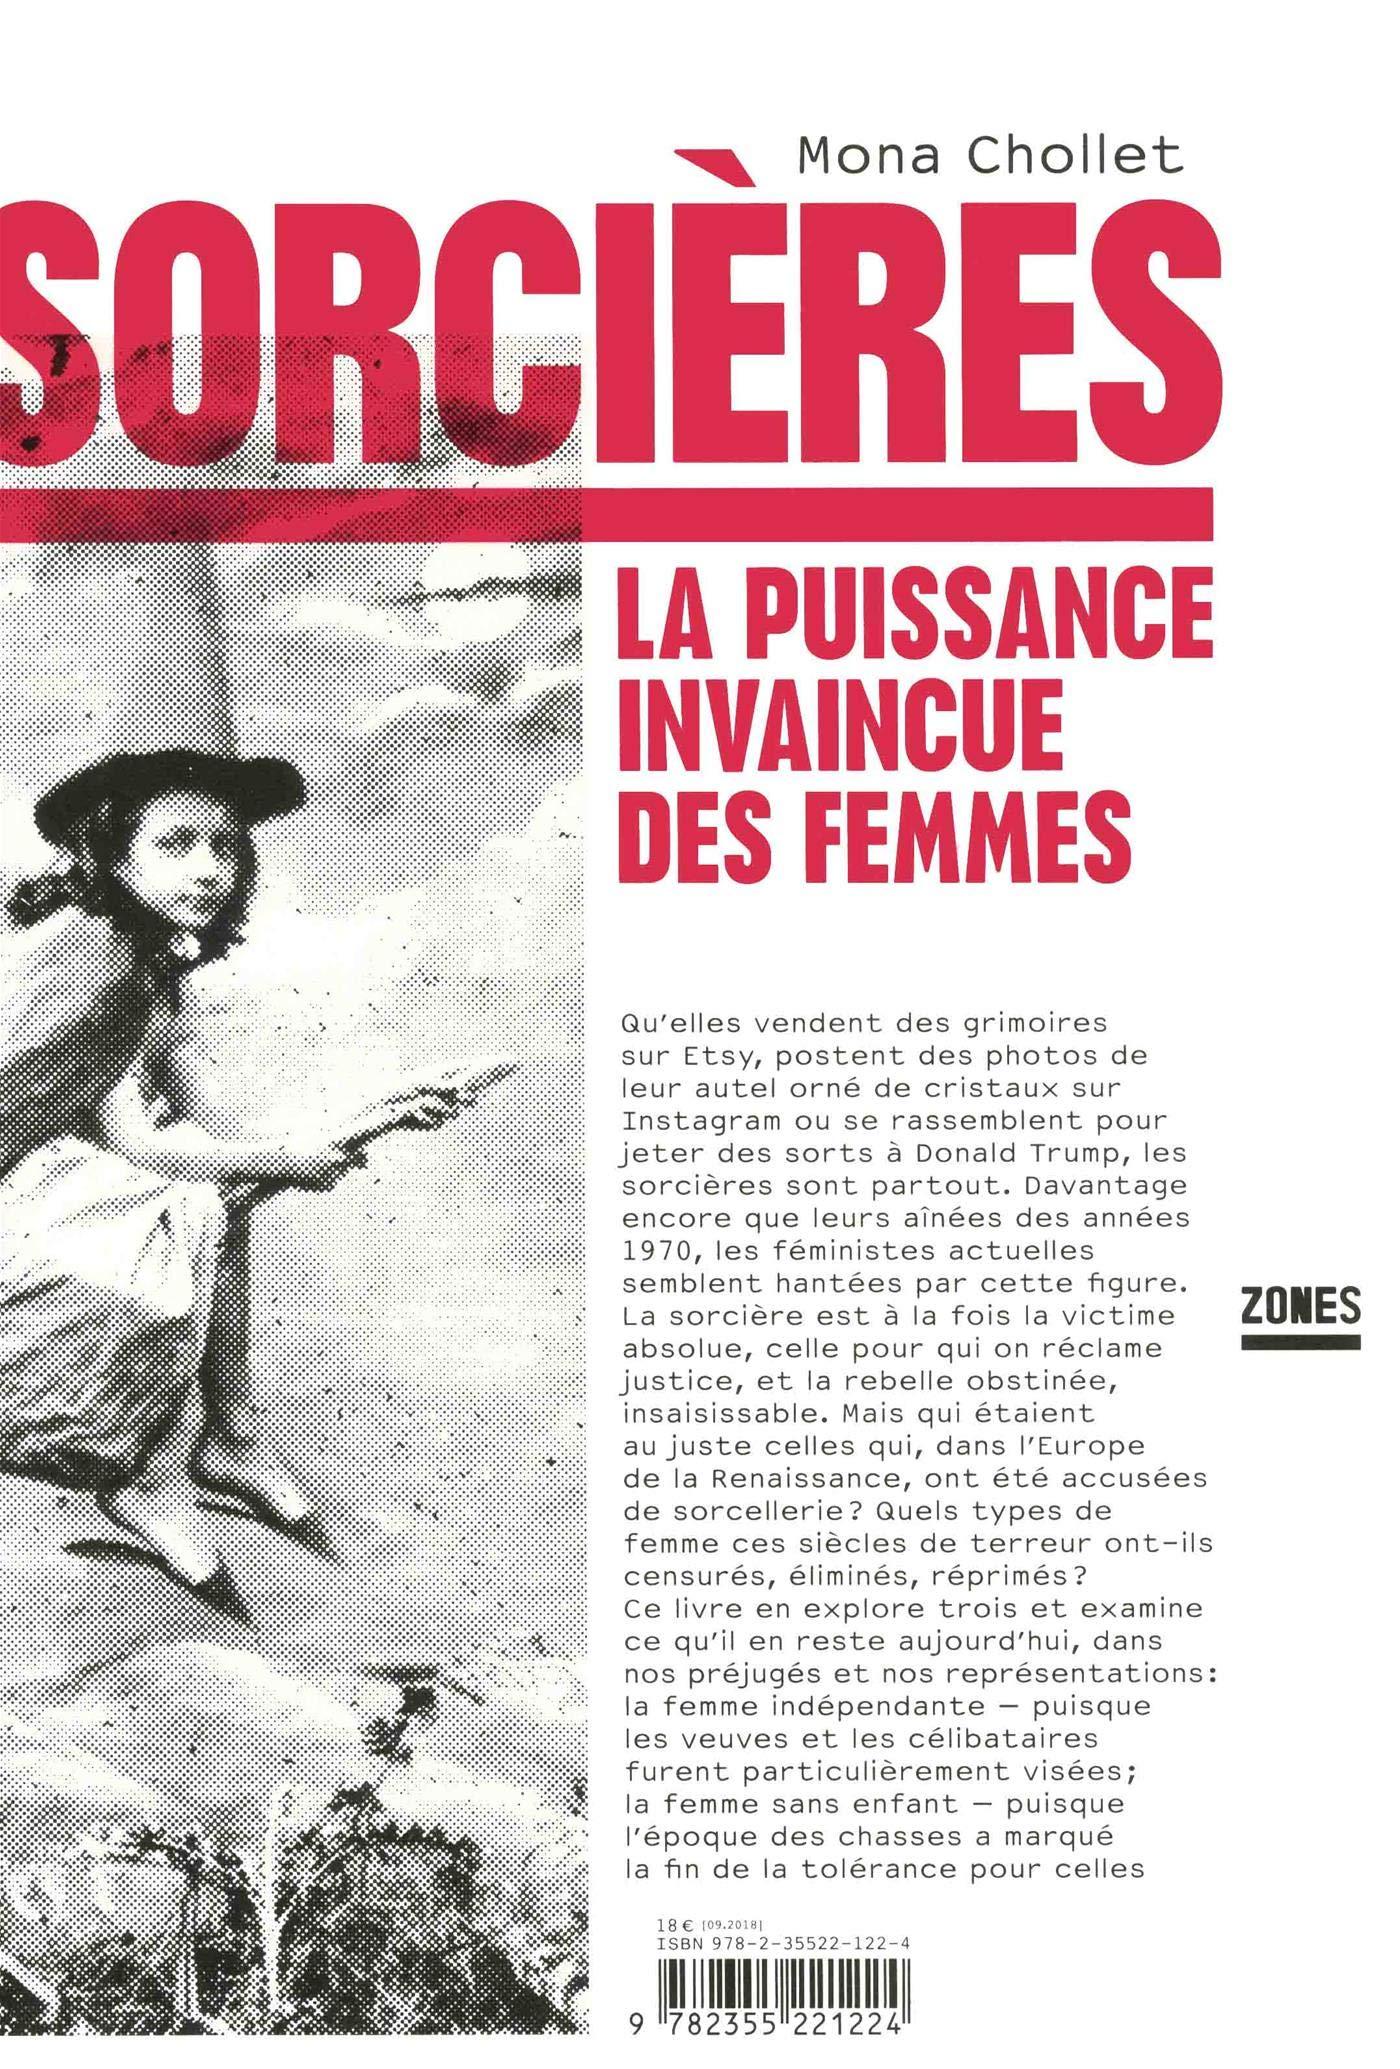 """Résultat de recherche d'images pour """"mona chollet sorcière"""""""